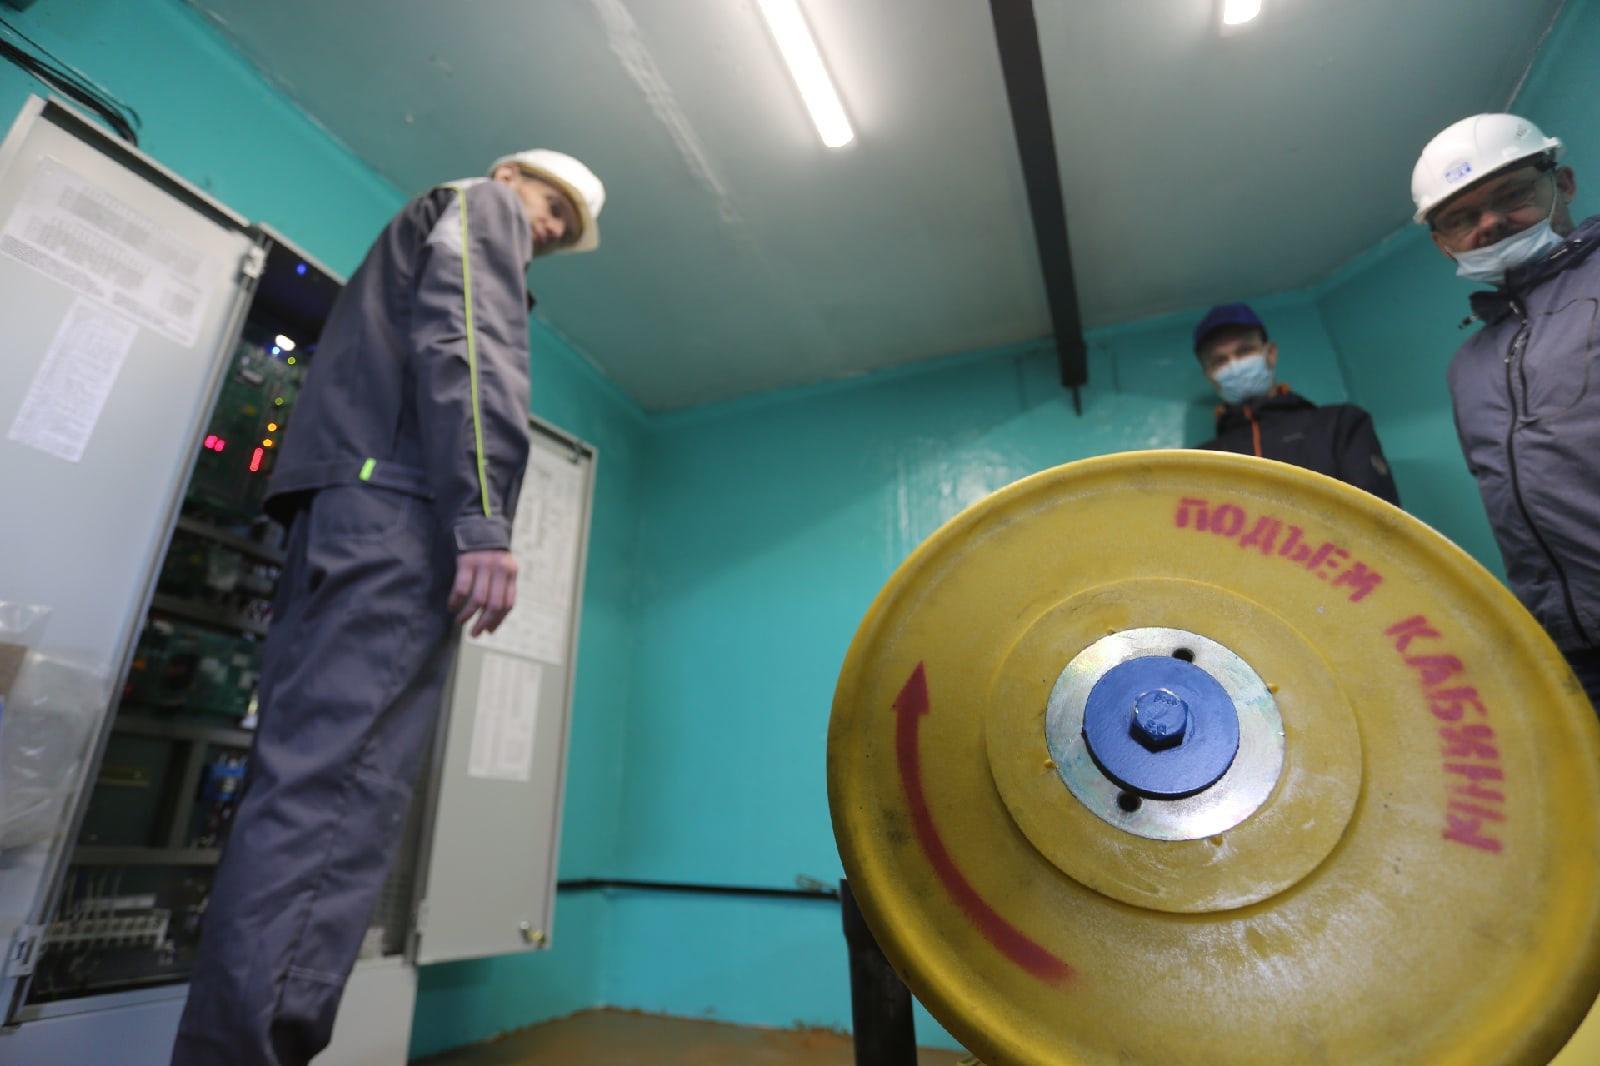 фото Опасный лифт заменили в многоэтажке на Лесосечной в Новосибирске 6